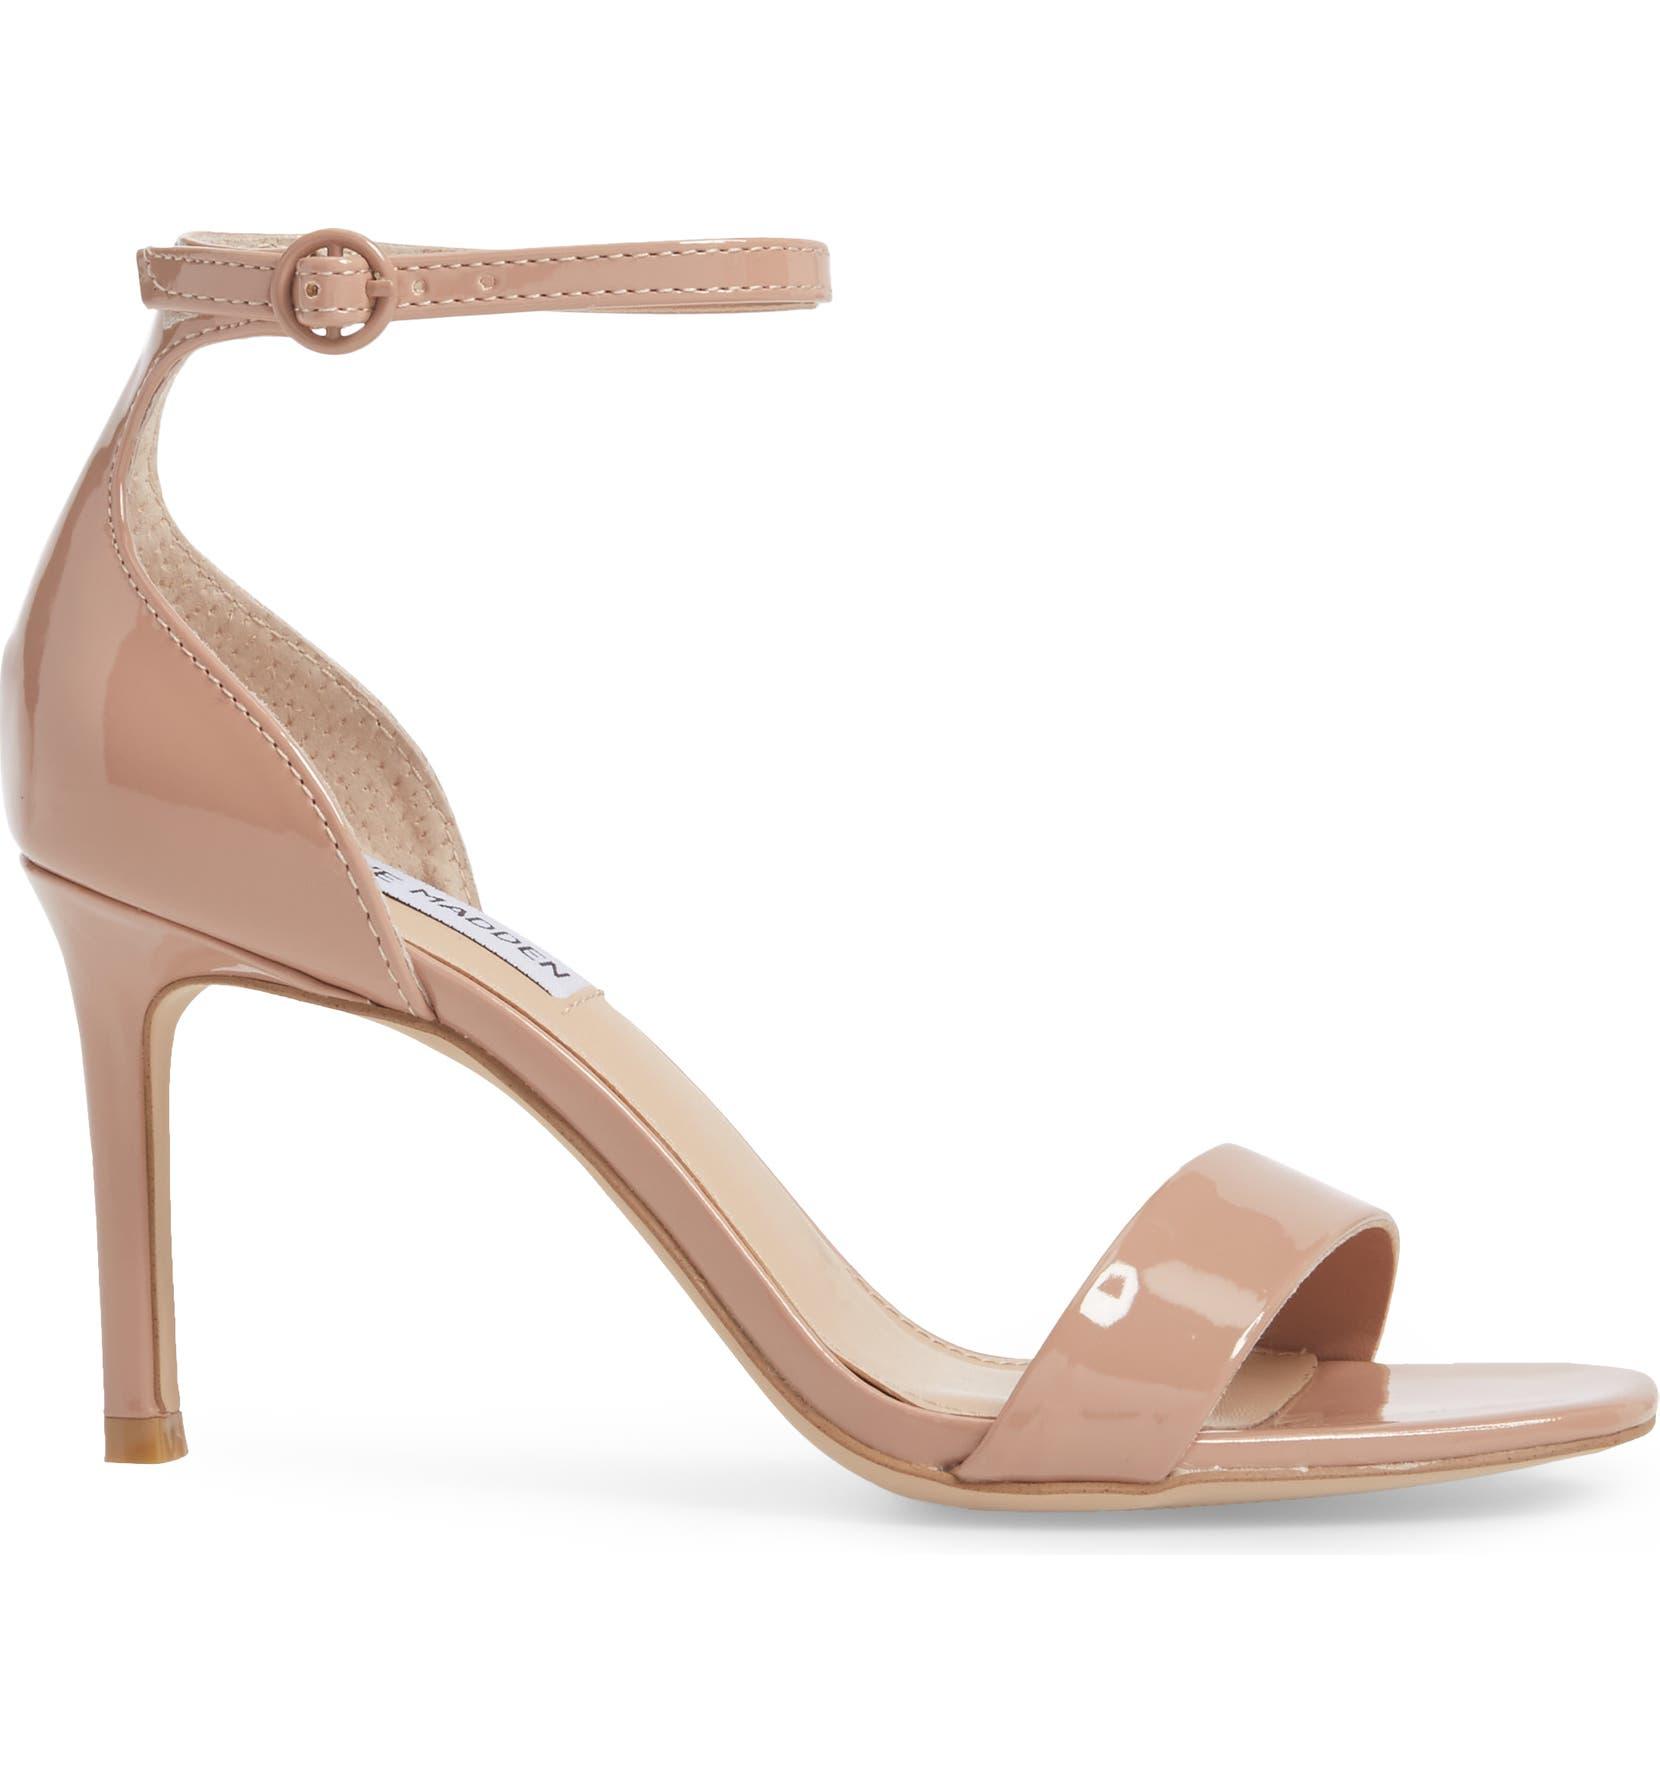 5518beae880 Steve Madden Fame Halo Strap Sandal (Women)